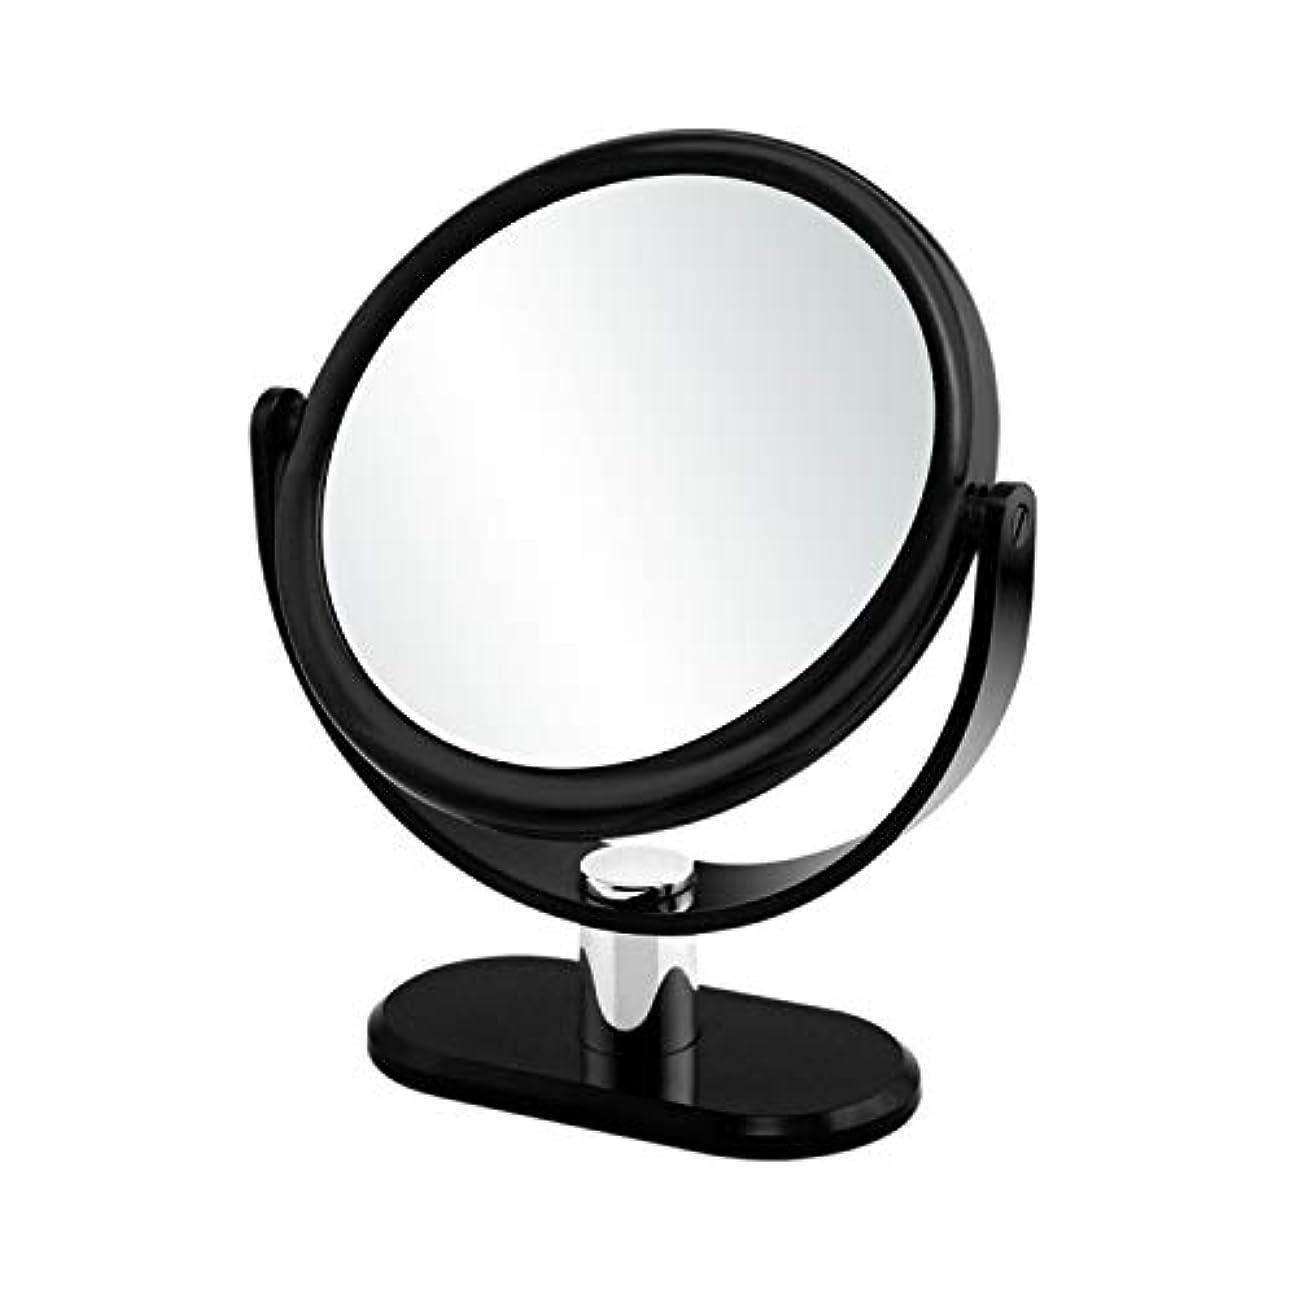 子羊四サンダースGorwRich ブラック卓上鏡 化粧鏡 スタンドミラー 女優ミラー 卓上ミラー 両面鏡 7倍拡大鏡と等倍鏡